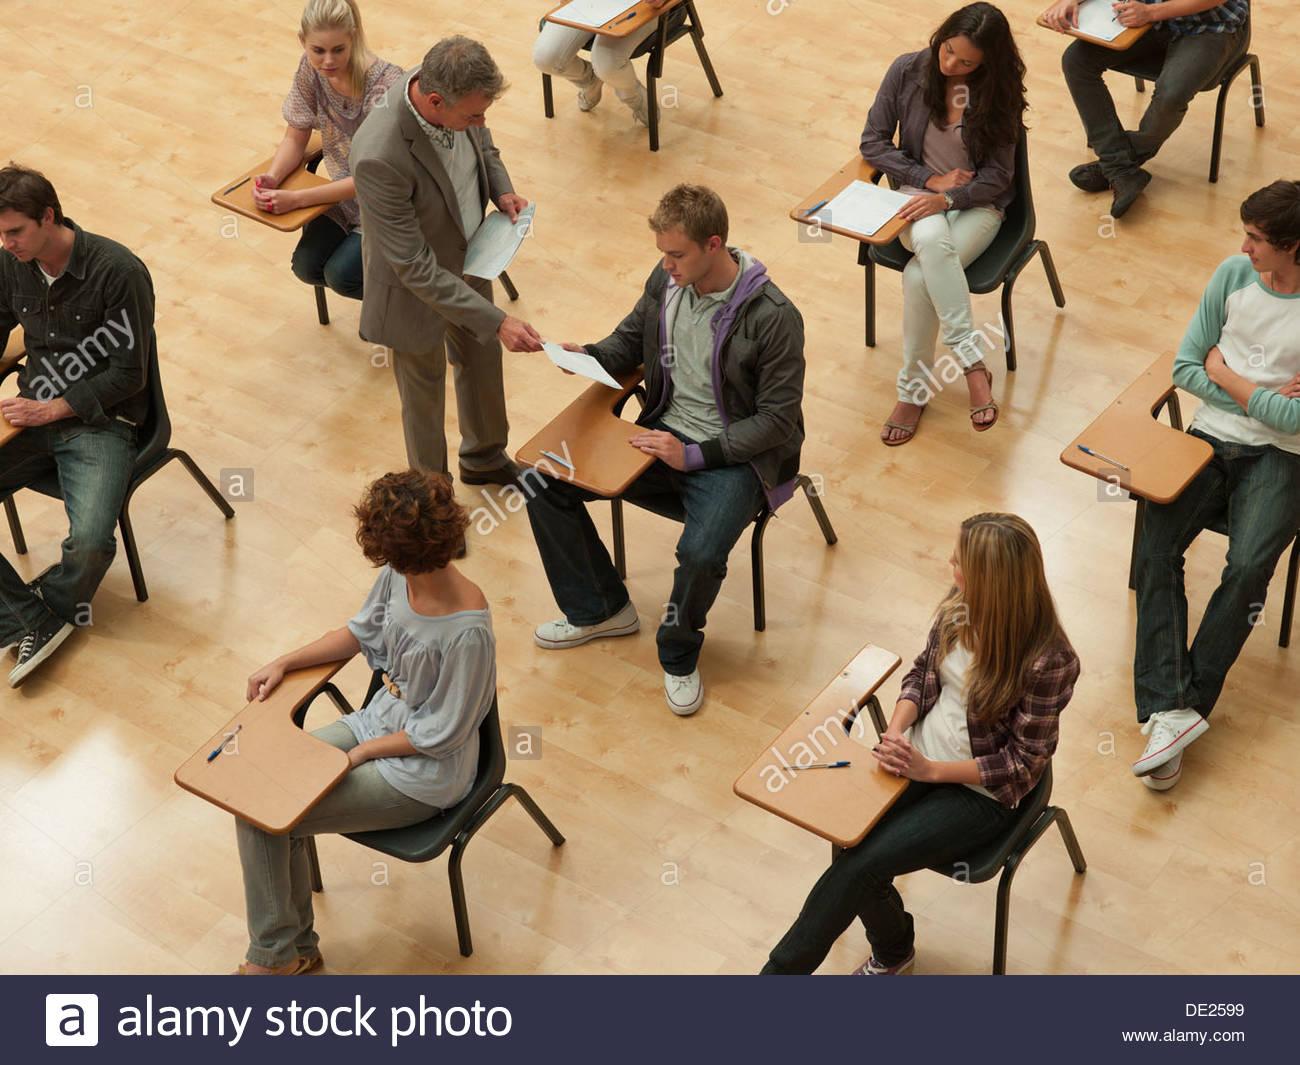 Profesor distribuir hoja de respuestas en el aula Imagen De Stock